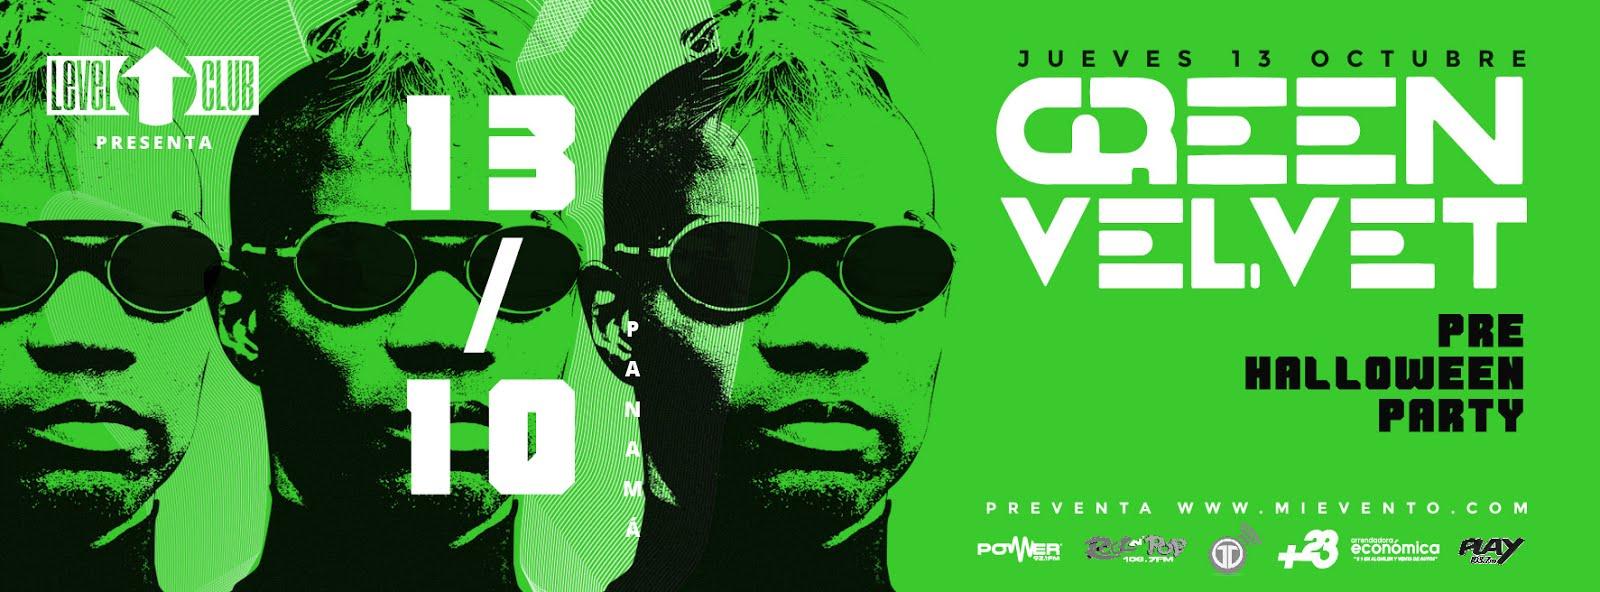 Green Velvet - Level Club